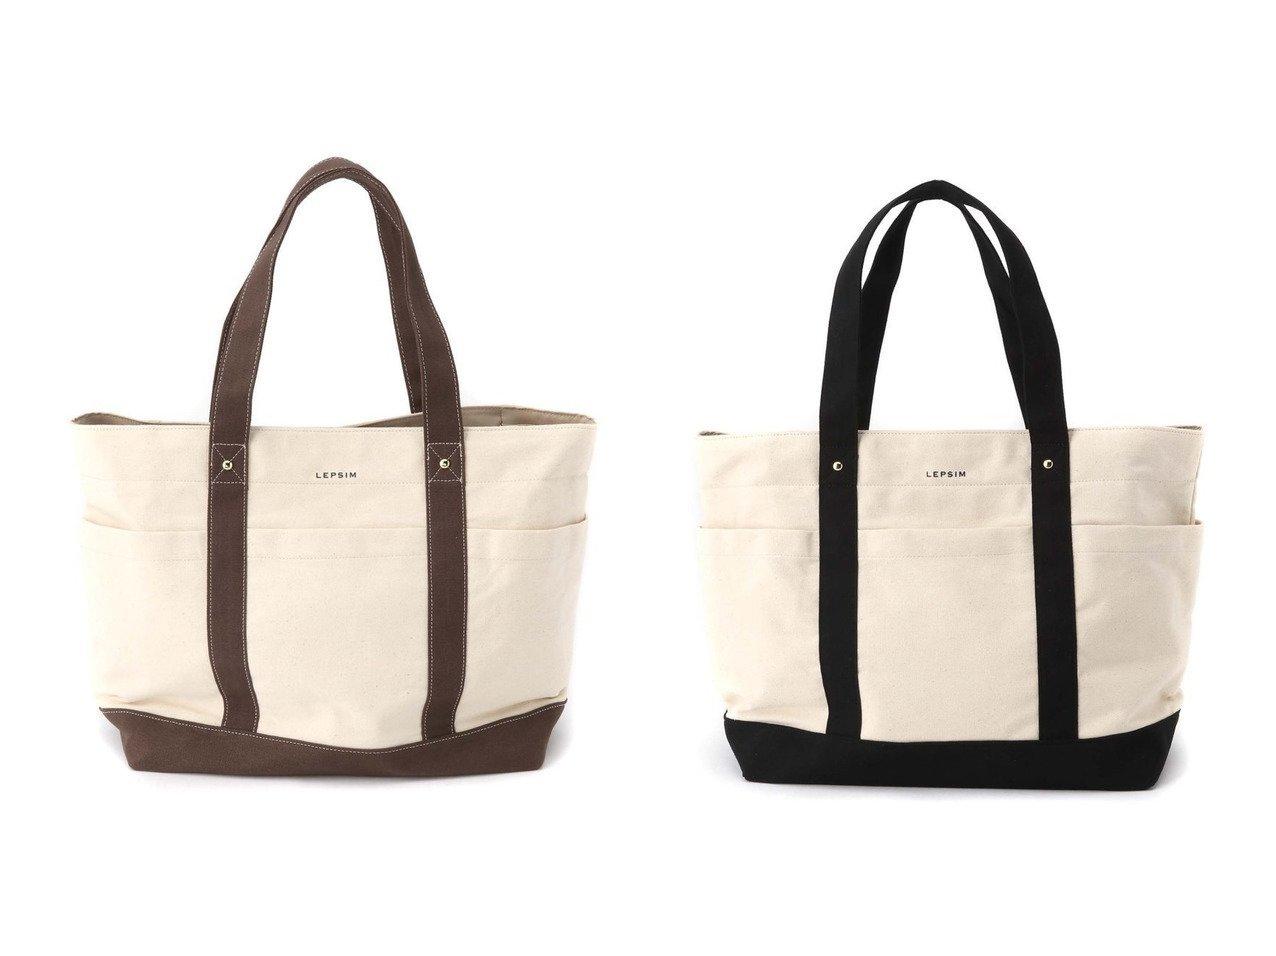 【LEPSIM LOWRYS FARM/レプシィム ローリーズファーム】のマタニティ/撥水キャンバストート バッグ・鞄のおすすめ!人気、トレンド・レディースファッションの通販 おすすめで人気の流行・トレンド、ファッションの通販商品 メンズファッション・キッズファッション・インテリア・家具・レディースファッション・服の通販 founy(ファニー) https://founy.com/ ファッション Fashion レディースファッション WOMEN バッグ Bag 抗菌 ポケット リアル 再入荷 Restock/Back in Stock/Re Arrival |ID:crp329100000022618